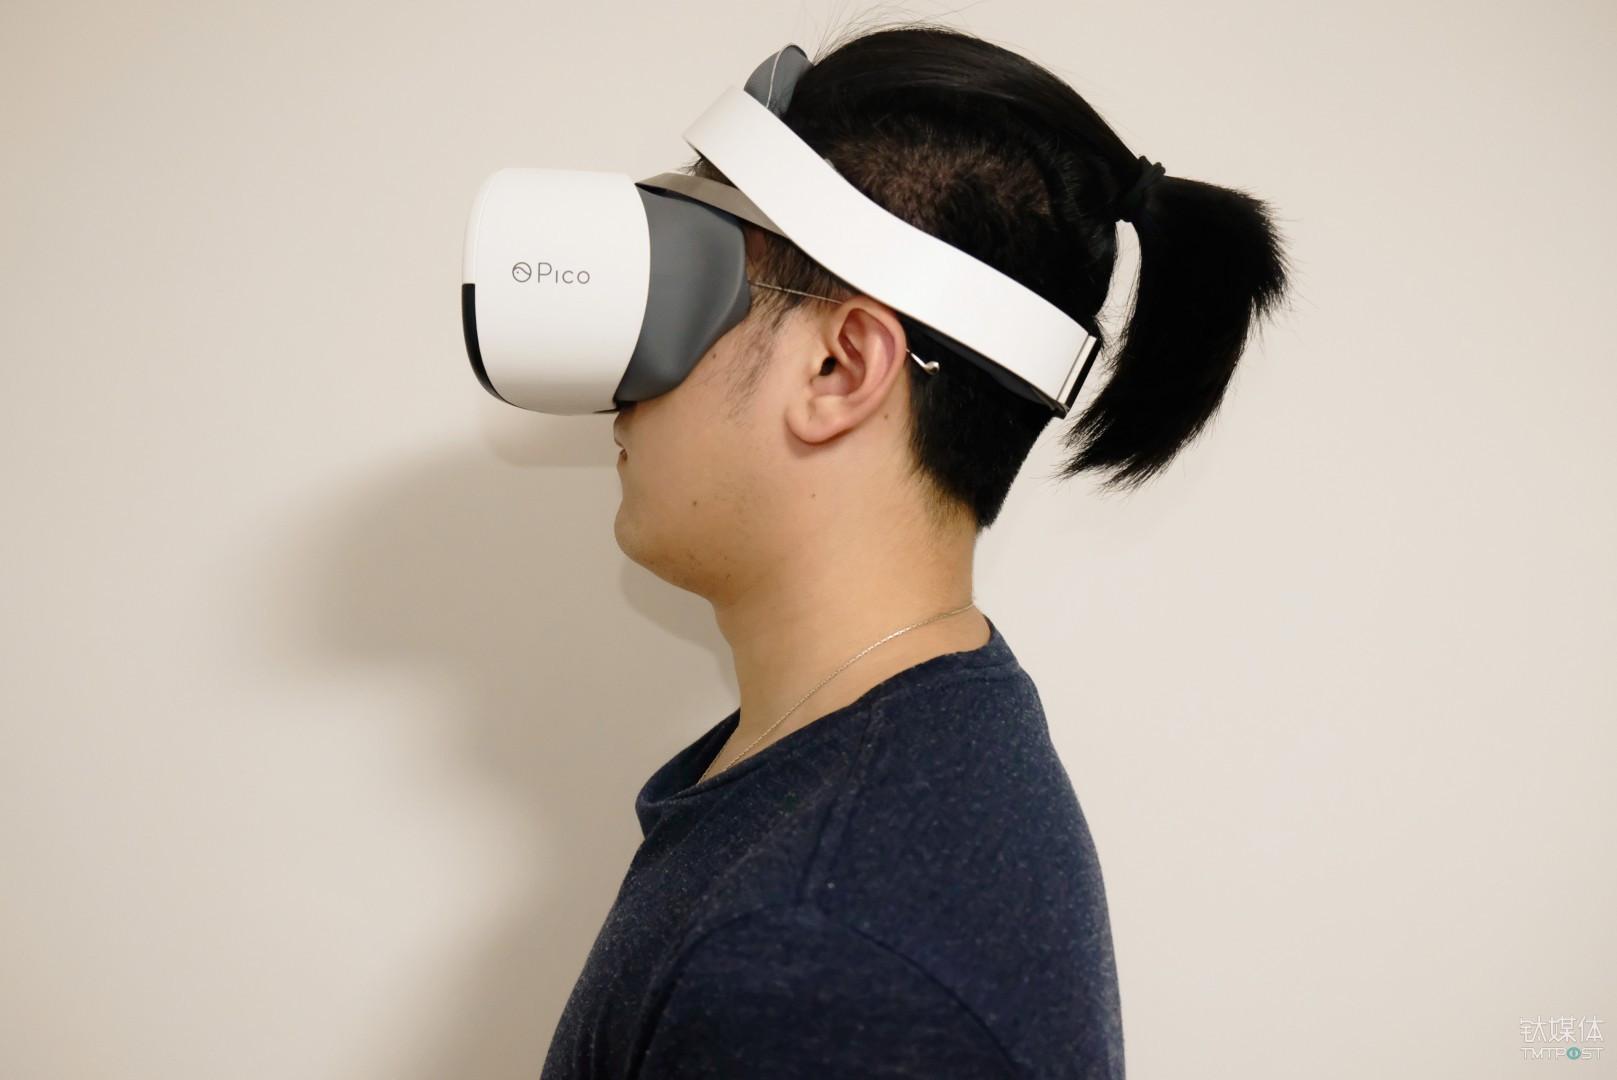 Pico Neo VR一体机评测:PCVR级的体验,但更轻,更简便